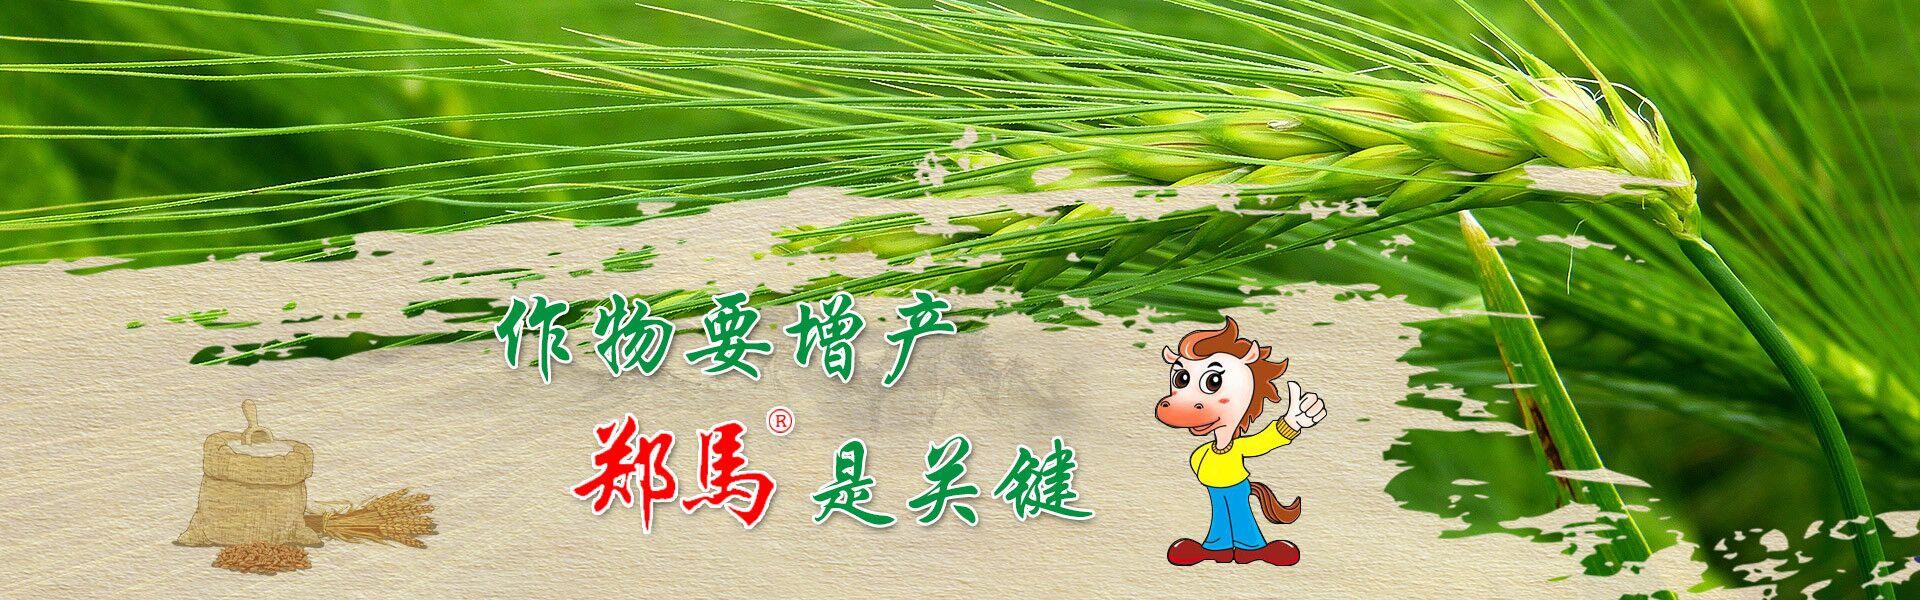 小麦增产套餐